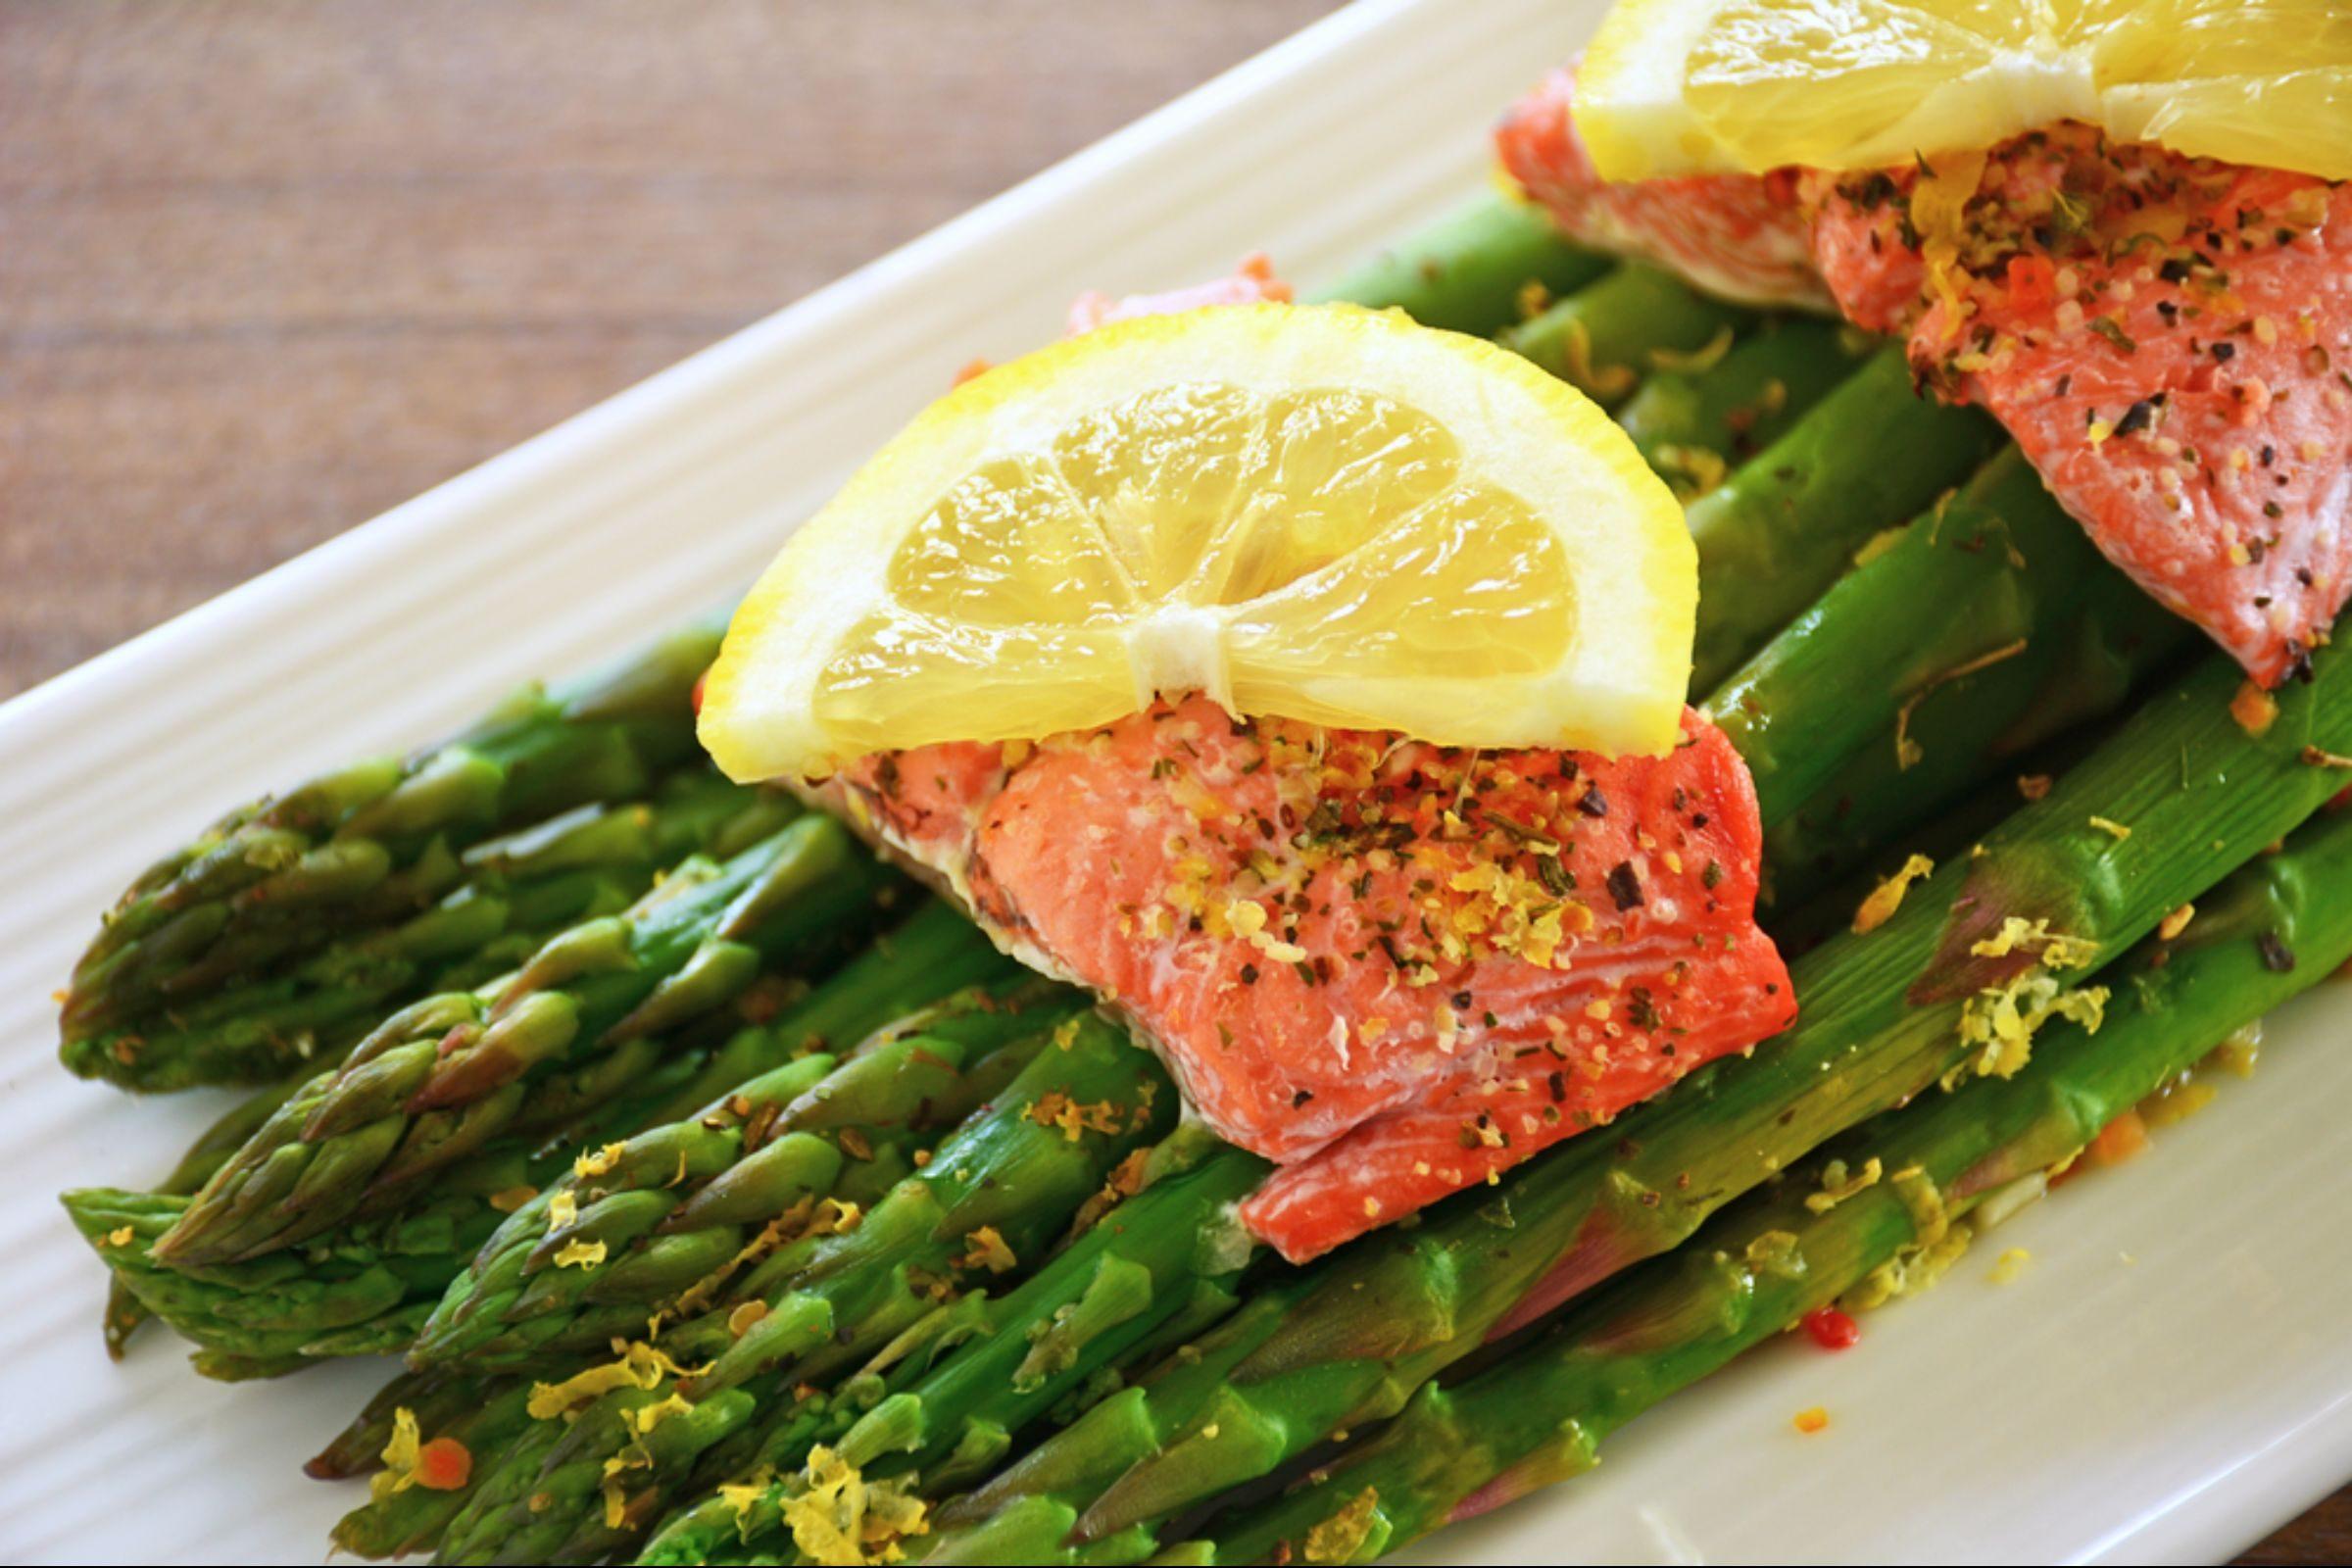 Roasted asparagus with salmon